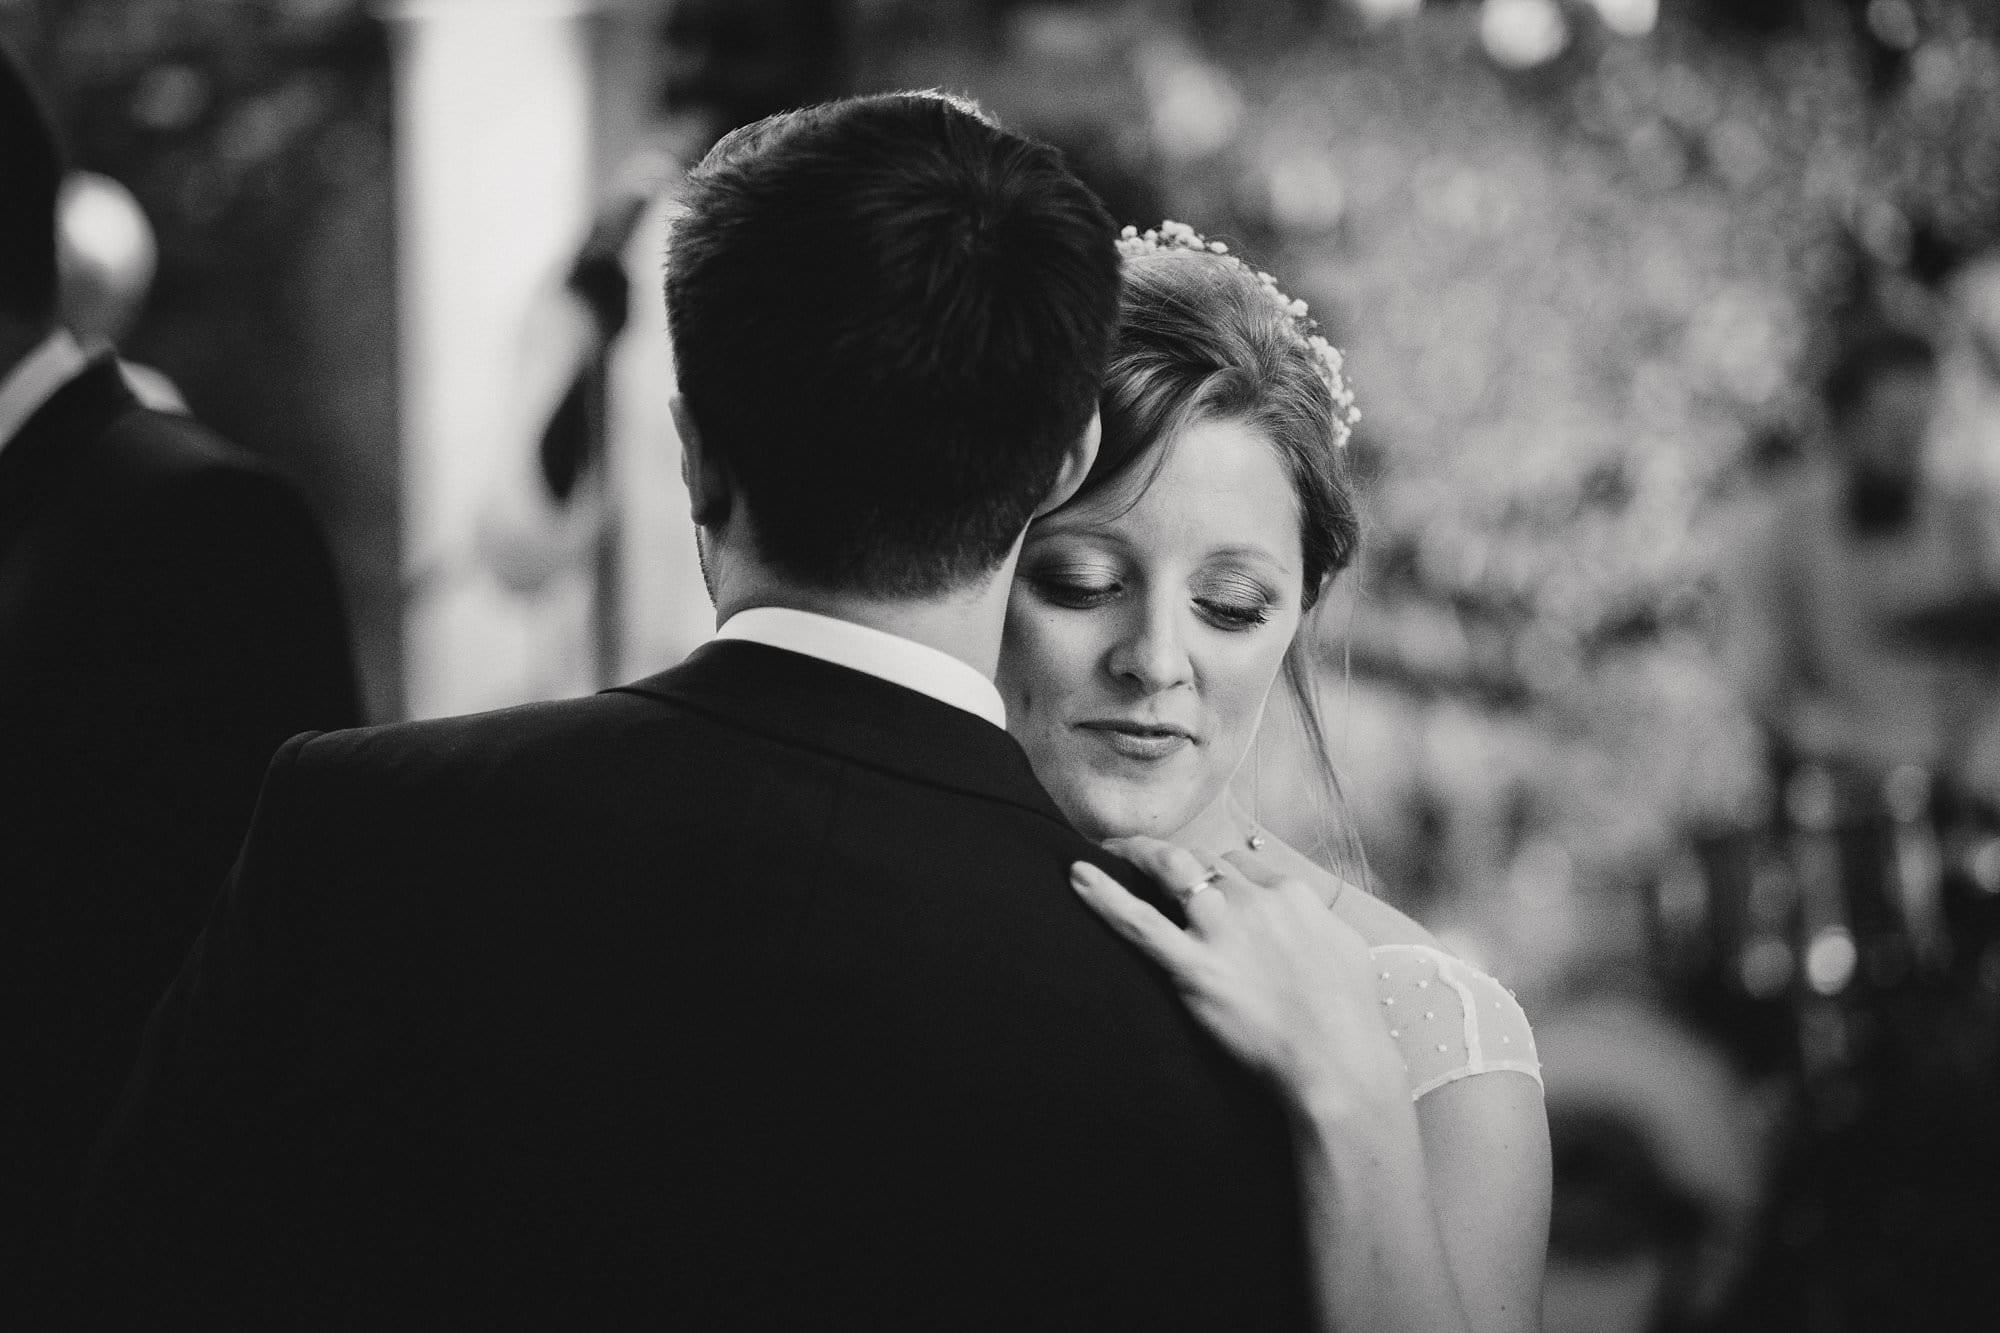 ashtead london wedding photographer 074 - Rachel & Jonny's Ashtead Wedding